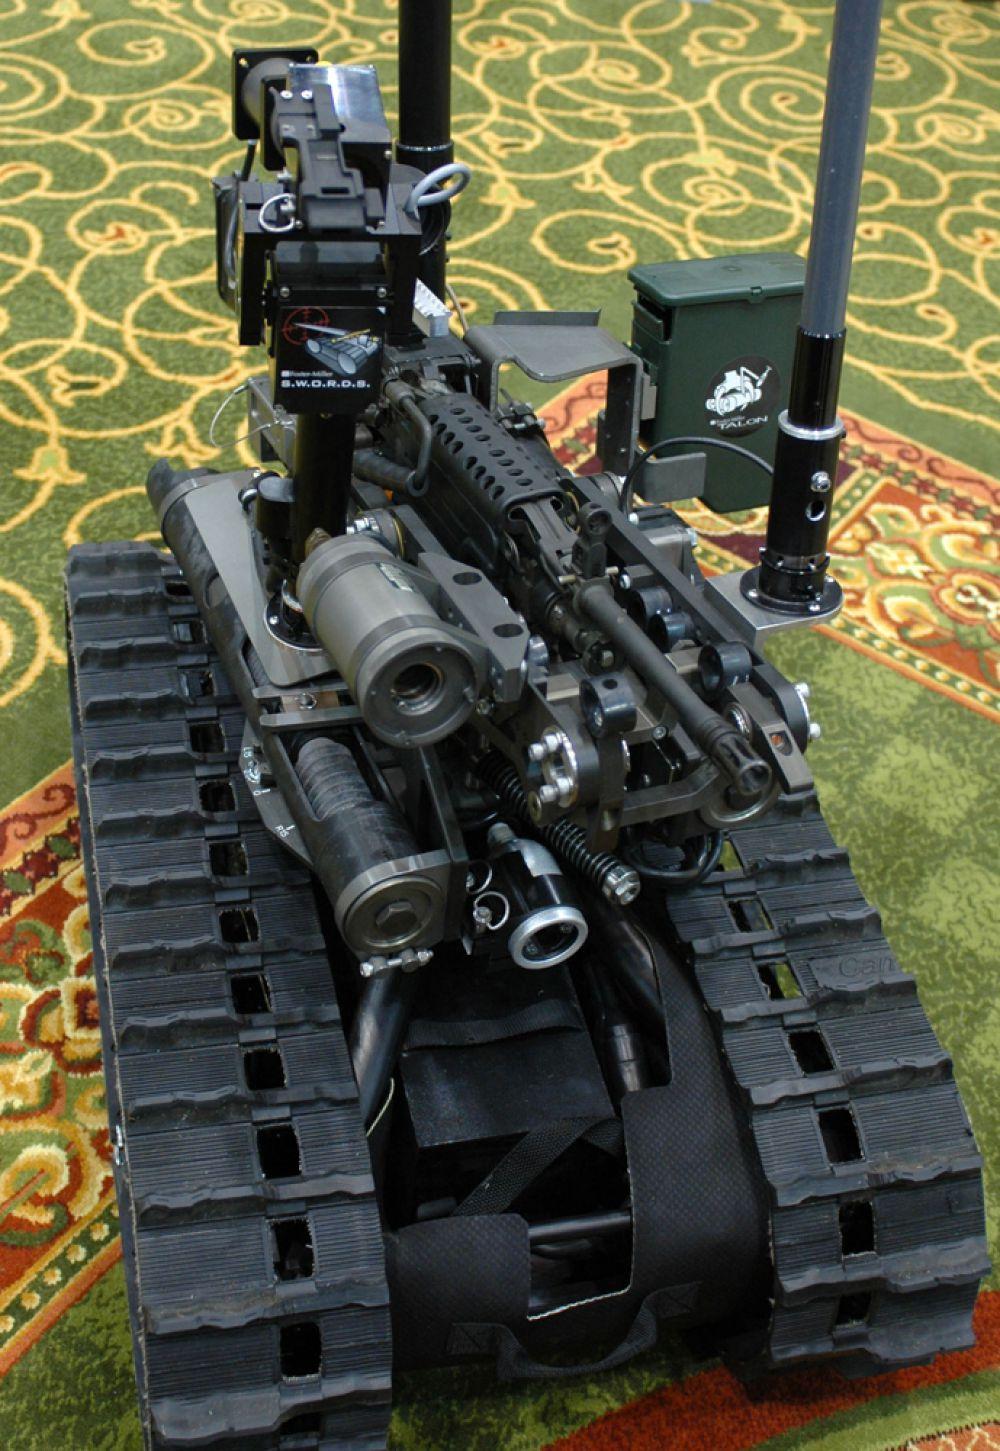 Swords — боевая система наблюдения и разведки. По утверждению производителя, робот предназначен для действий в городе, способен преодолевать песок, воду и снег до полуметра, а также осуществлять подъём по лестнице. Он рассчитан на 8,5 часов работы от батарей в нормальном эксплуатационном режиме.Контролируется оператором на расстоянии до 1000 метров. Весит около 45 кг или 27 кг в версии для разведки. Есть целый ряд различных видов оружия, которые могут быть размещены на SWORDS: винтовки M16, 5,56-мм SAW M249, 7,62 мм пулемёт M240...